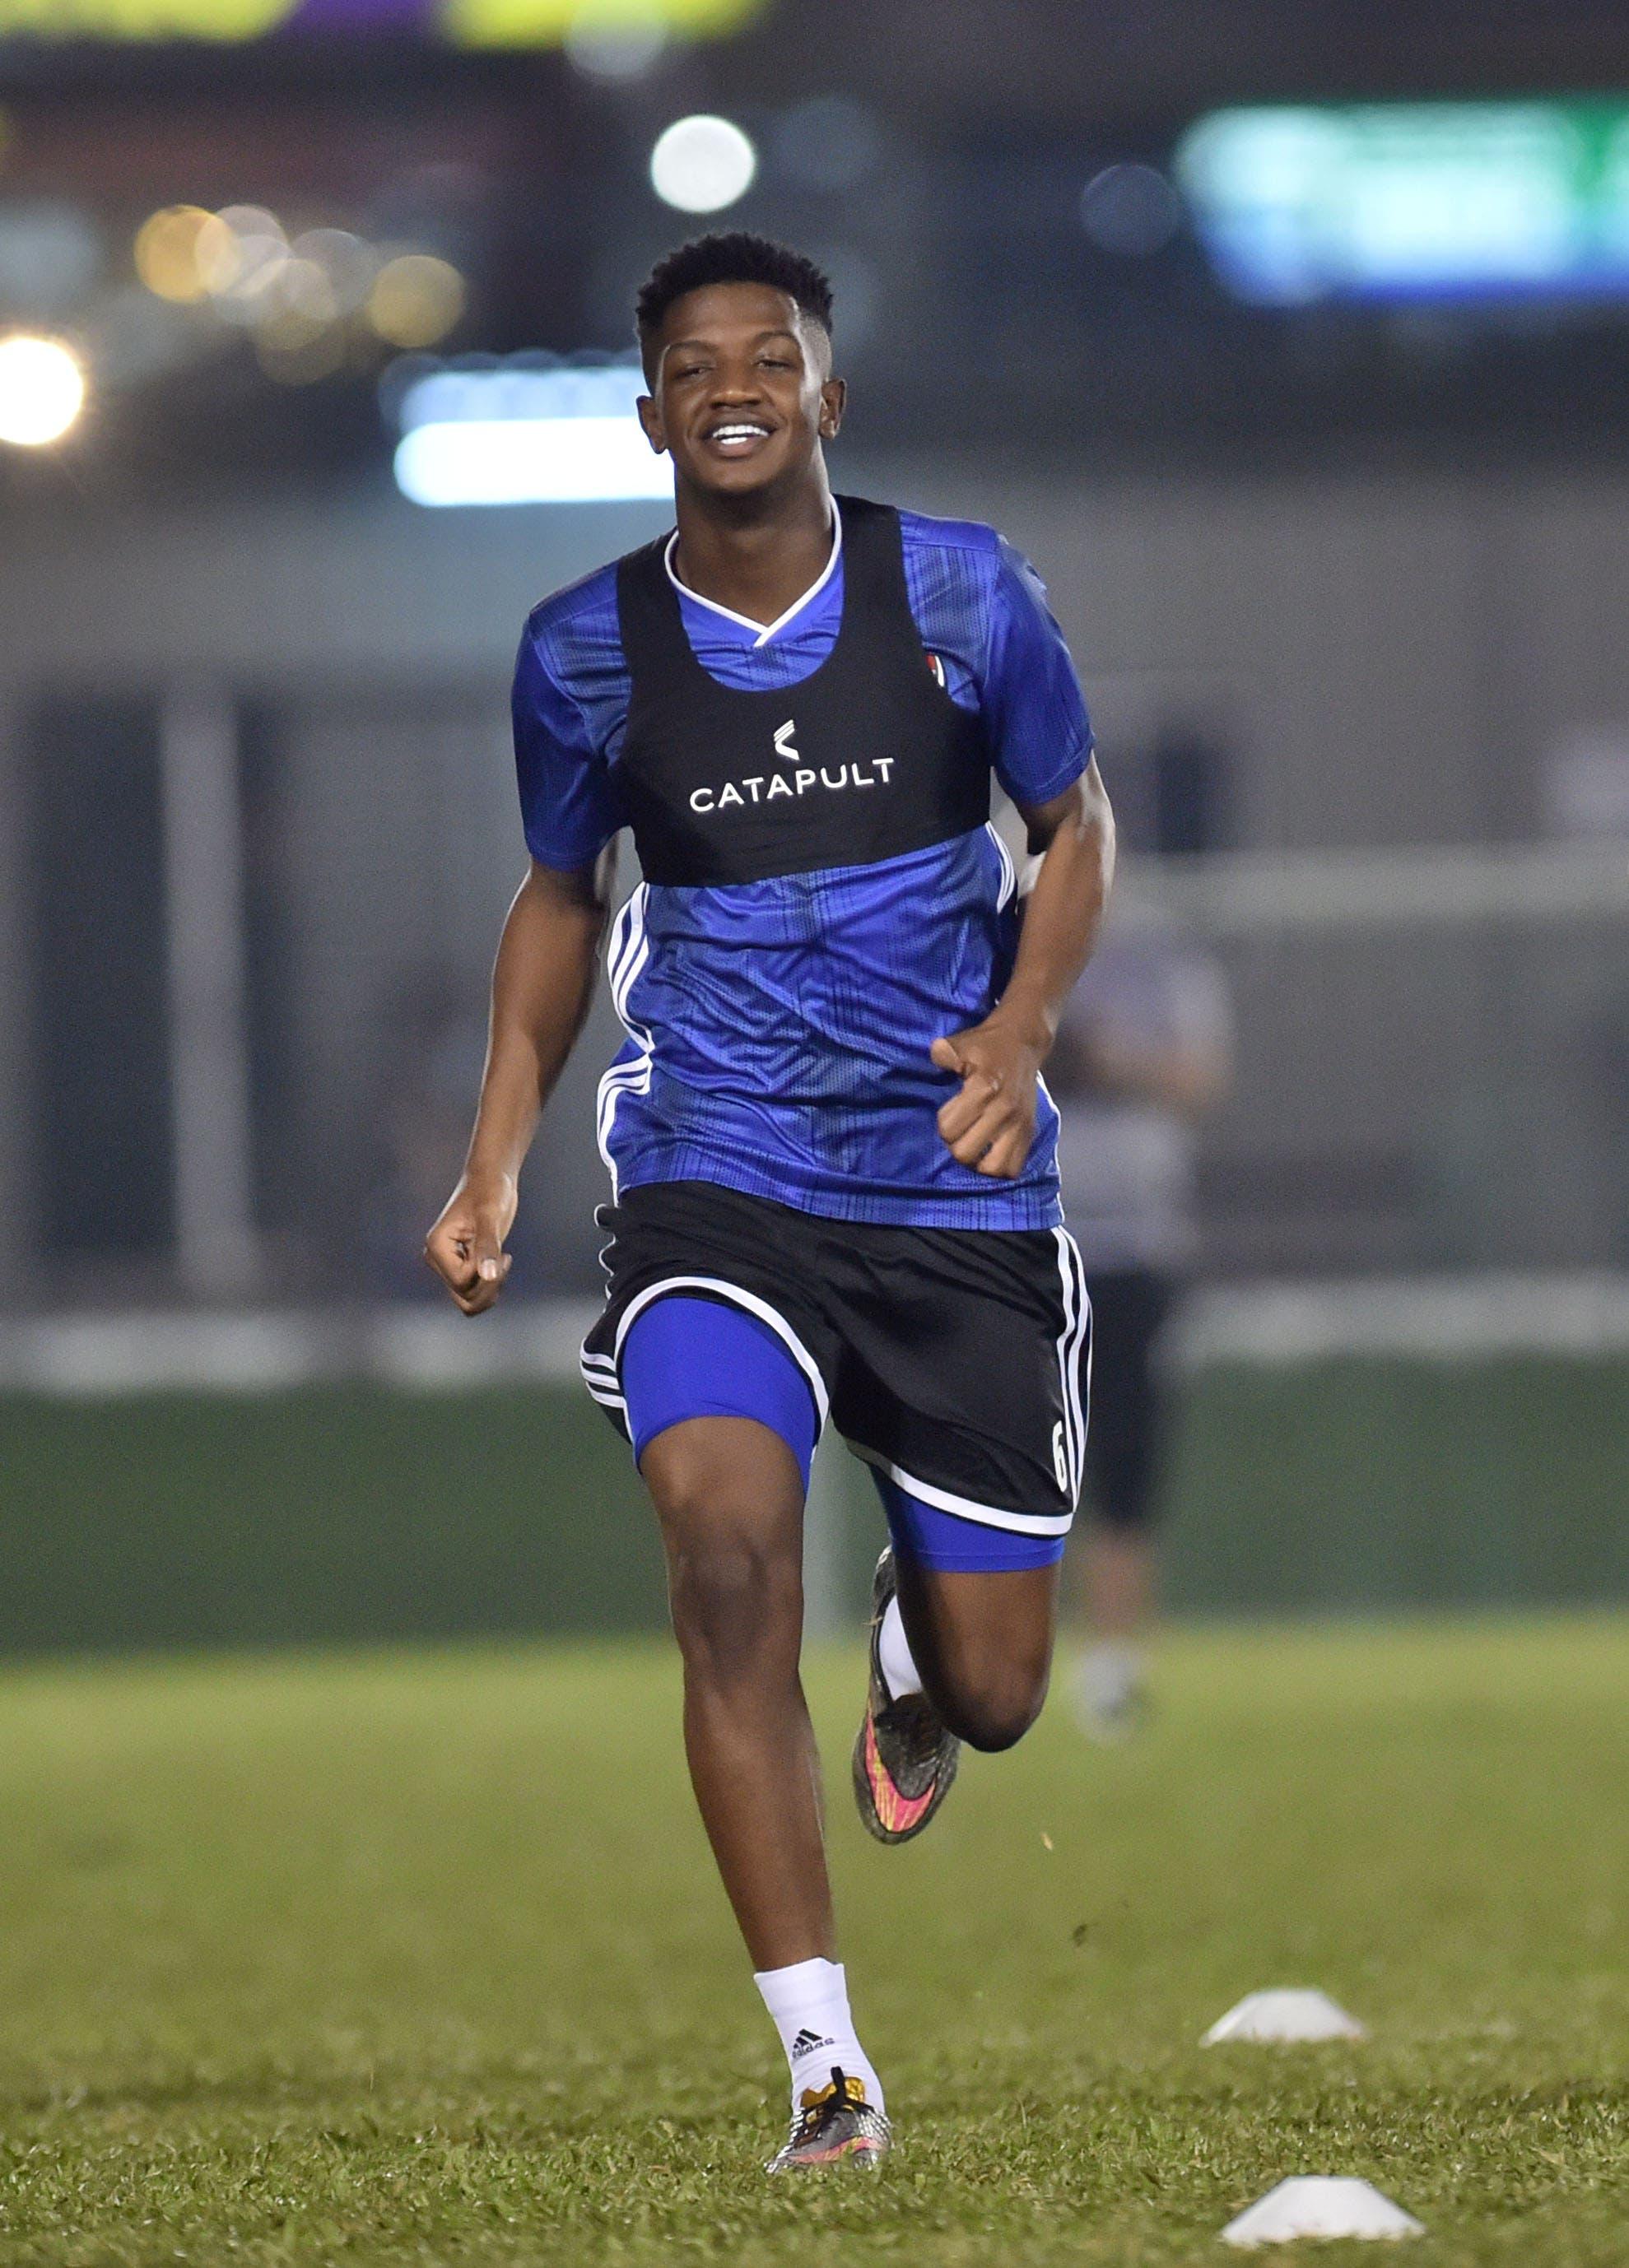 ماجد سرور في تدريبات سابقة مع المنتخب الإماراتي